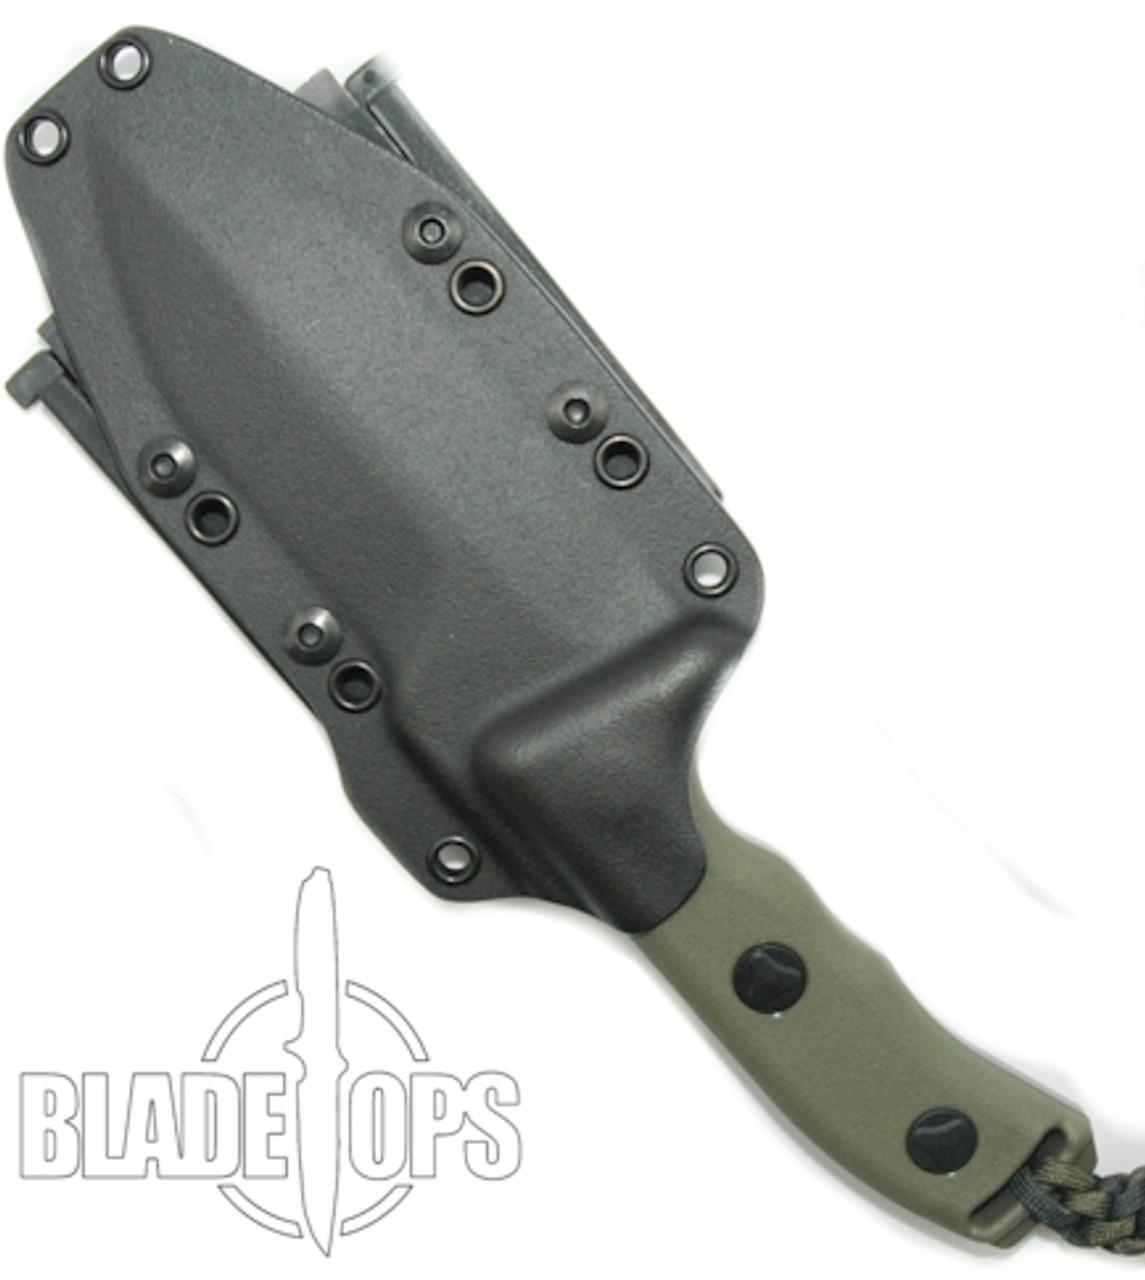 Microtech Crosshair Green Double Edge Knife 101-1GR, Plain Edges